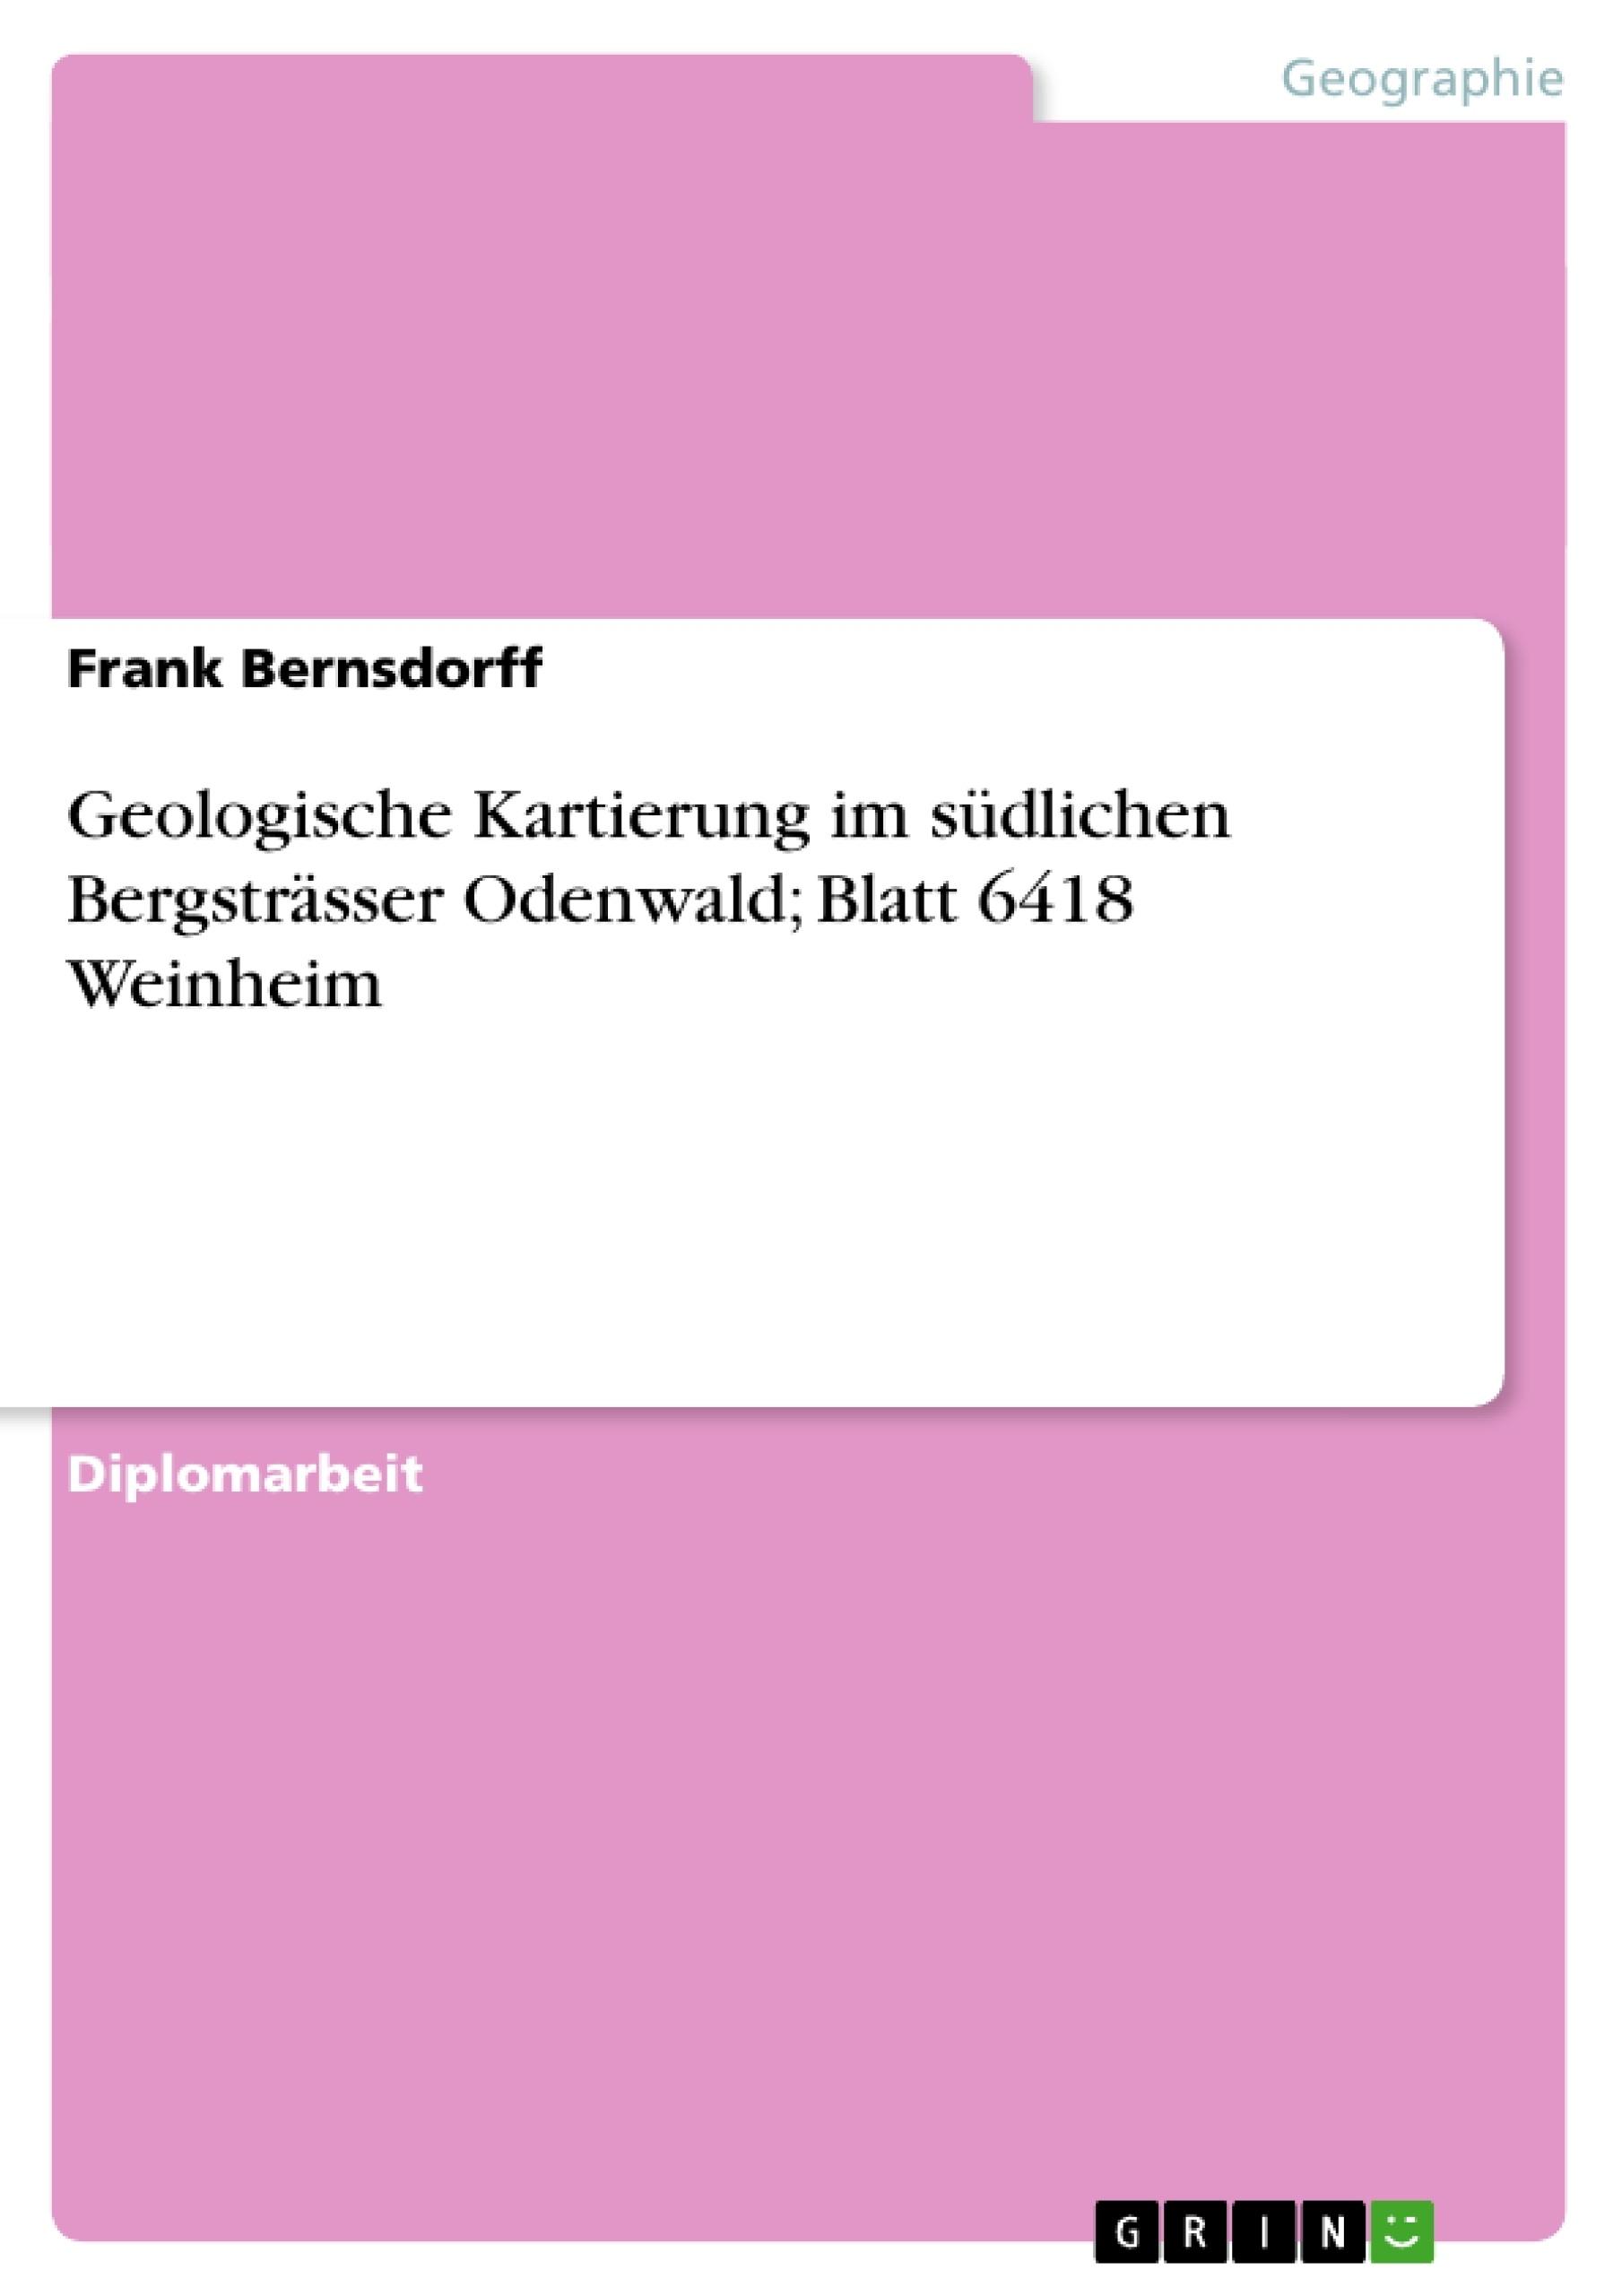 Titel: Geologische Kartierung im südlichen Bergsträsser Odenwald; Blatt 6418 Weinheim